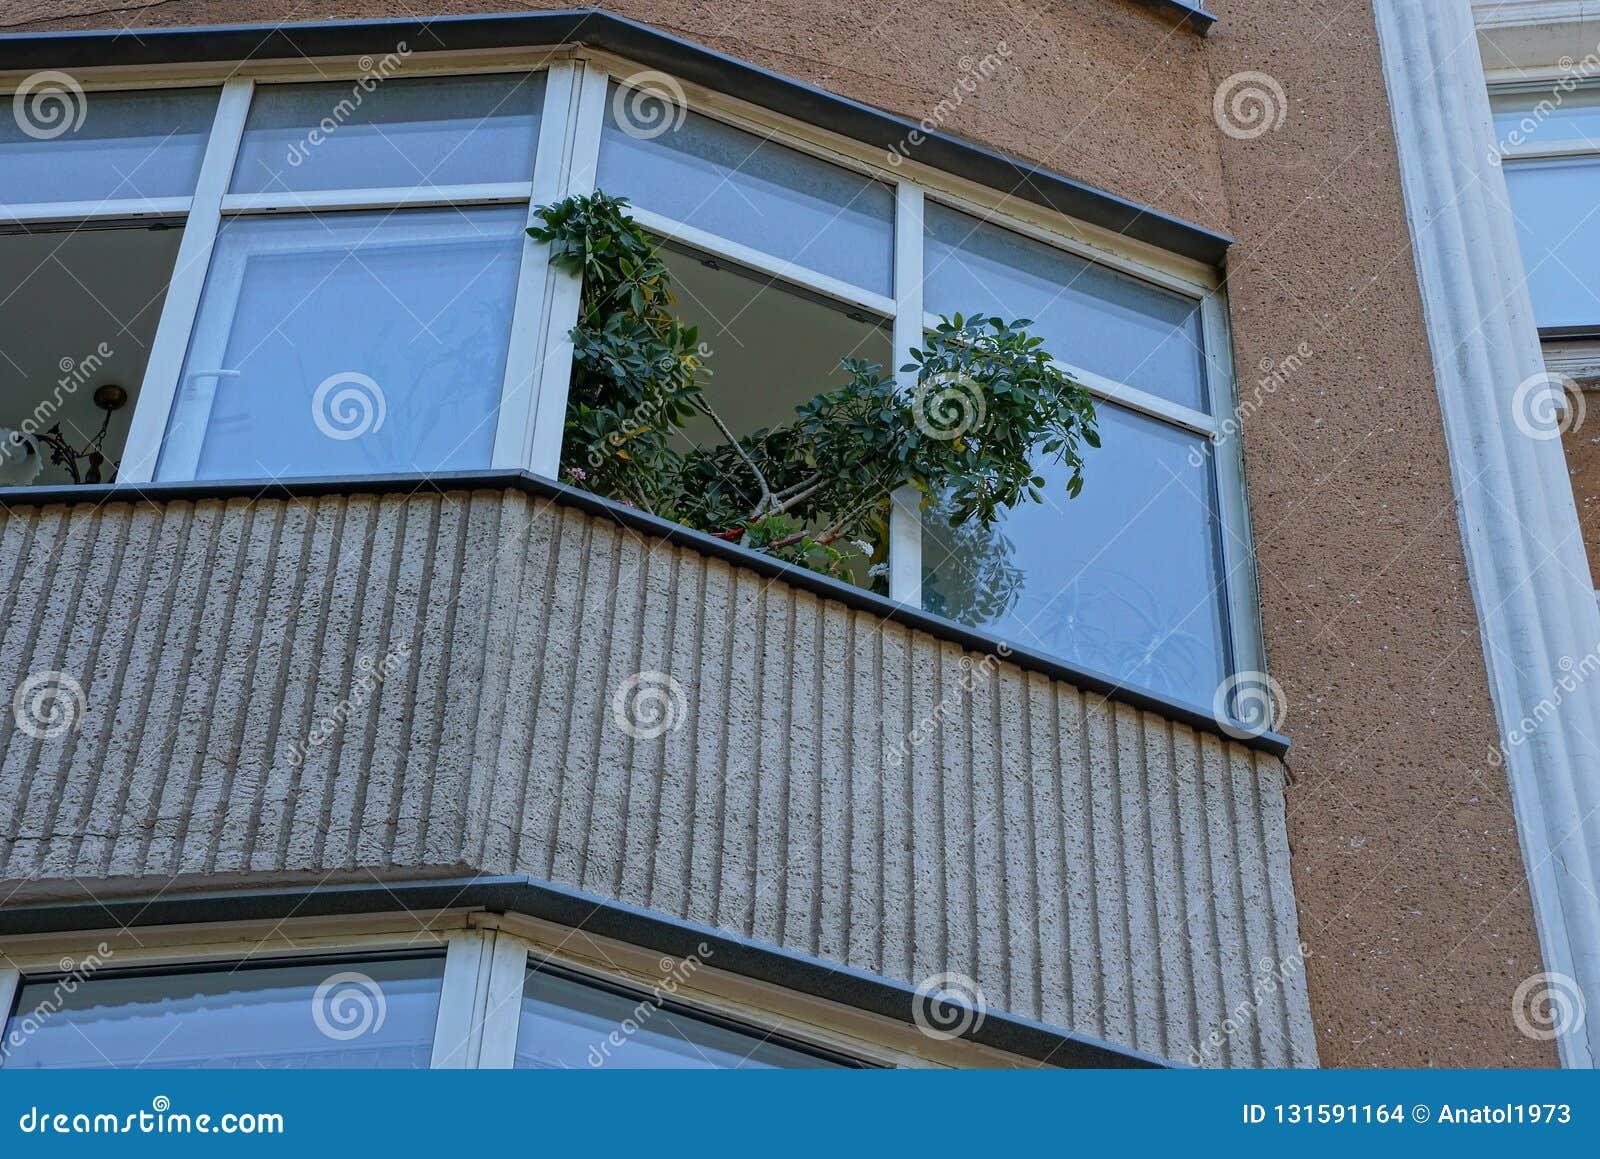 Balcão de Brown com um ramo de uma planta verde decorativa em uma janela aberta